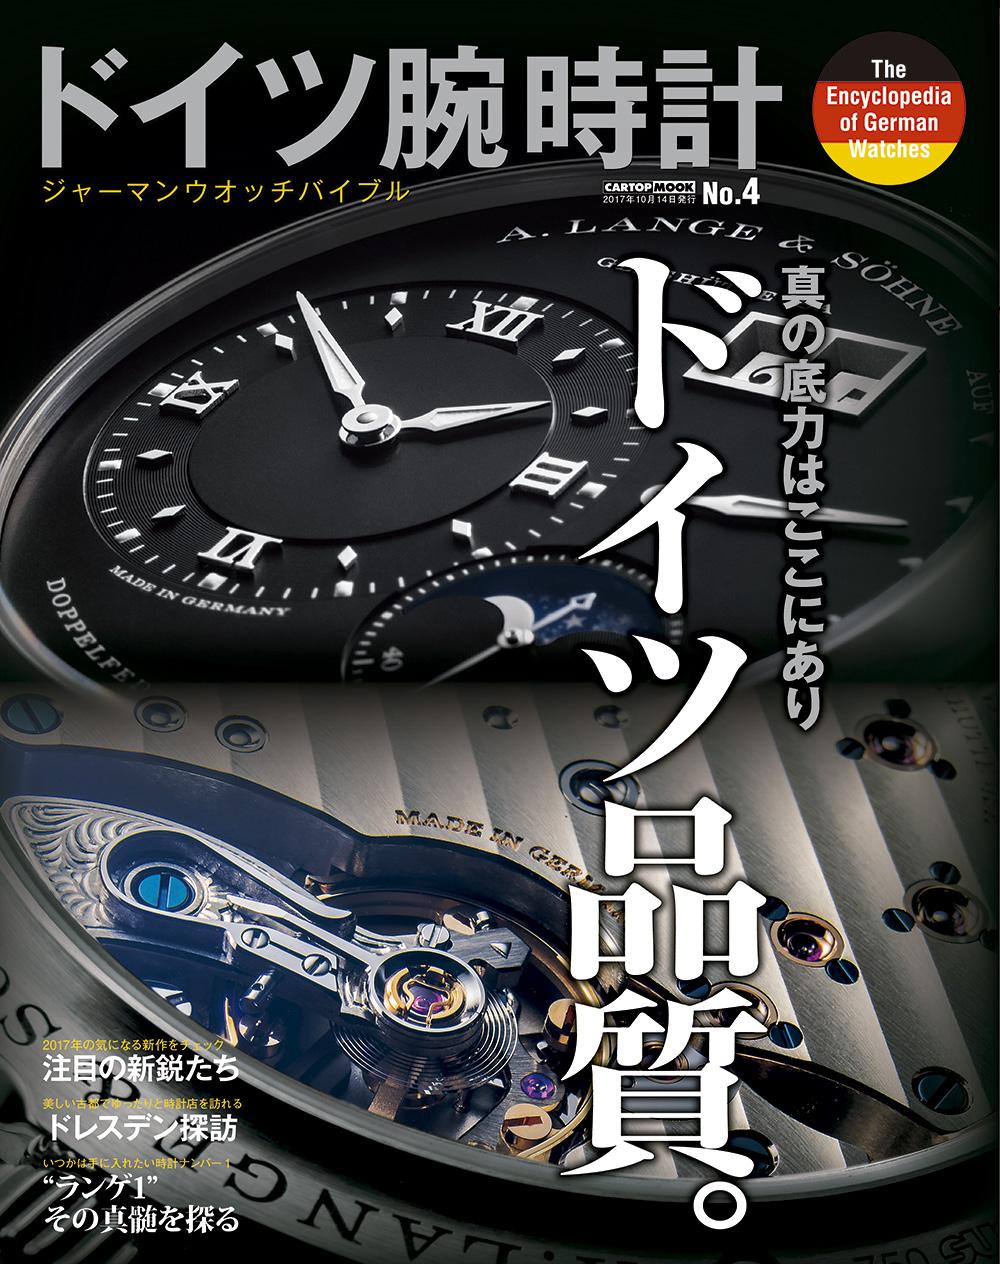 ドイツ腕時計 No.4